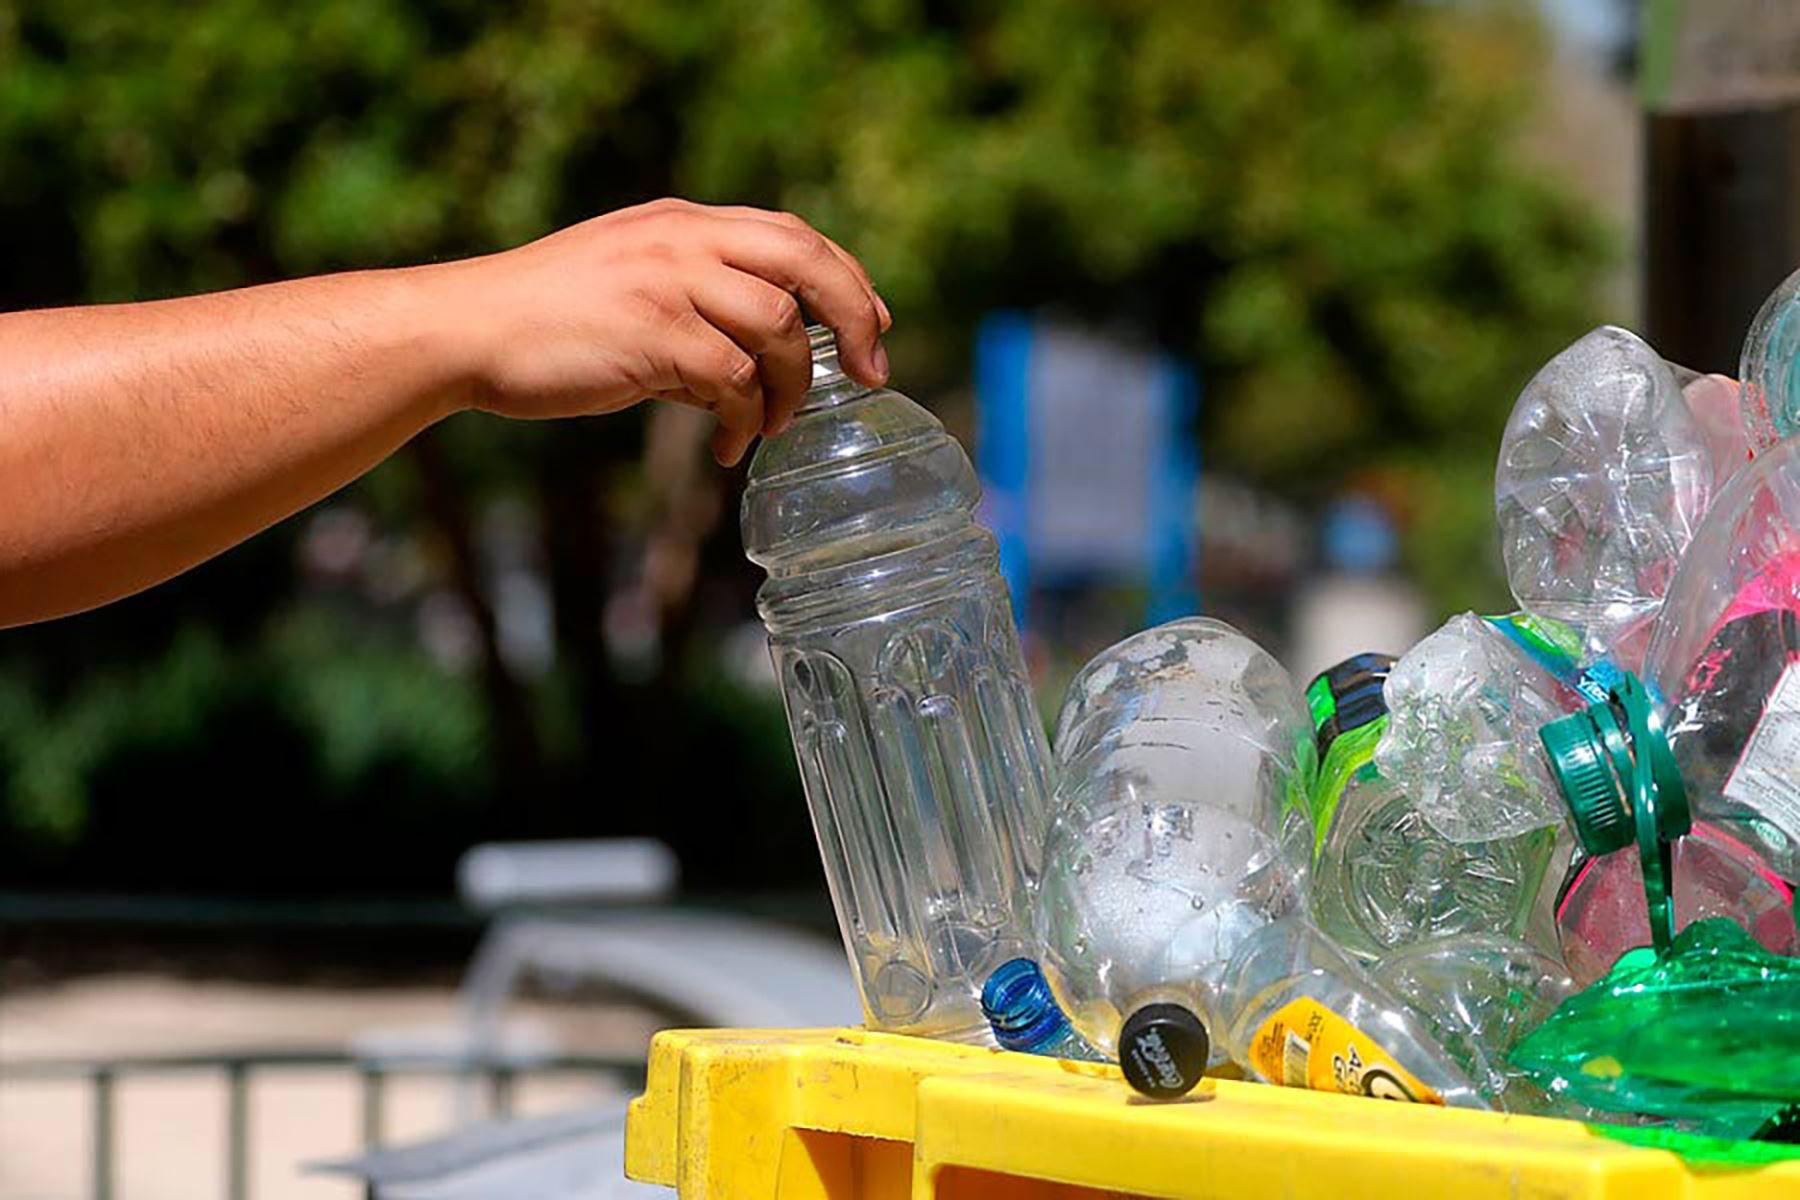 Estas son las recomendaciones que brinda Inacal para reciclar residuos sólidos de manera eficiente. ANDINA/Difusión